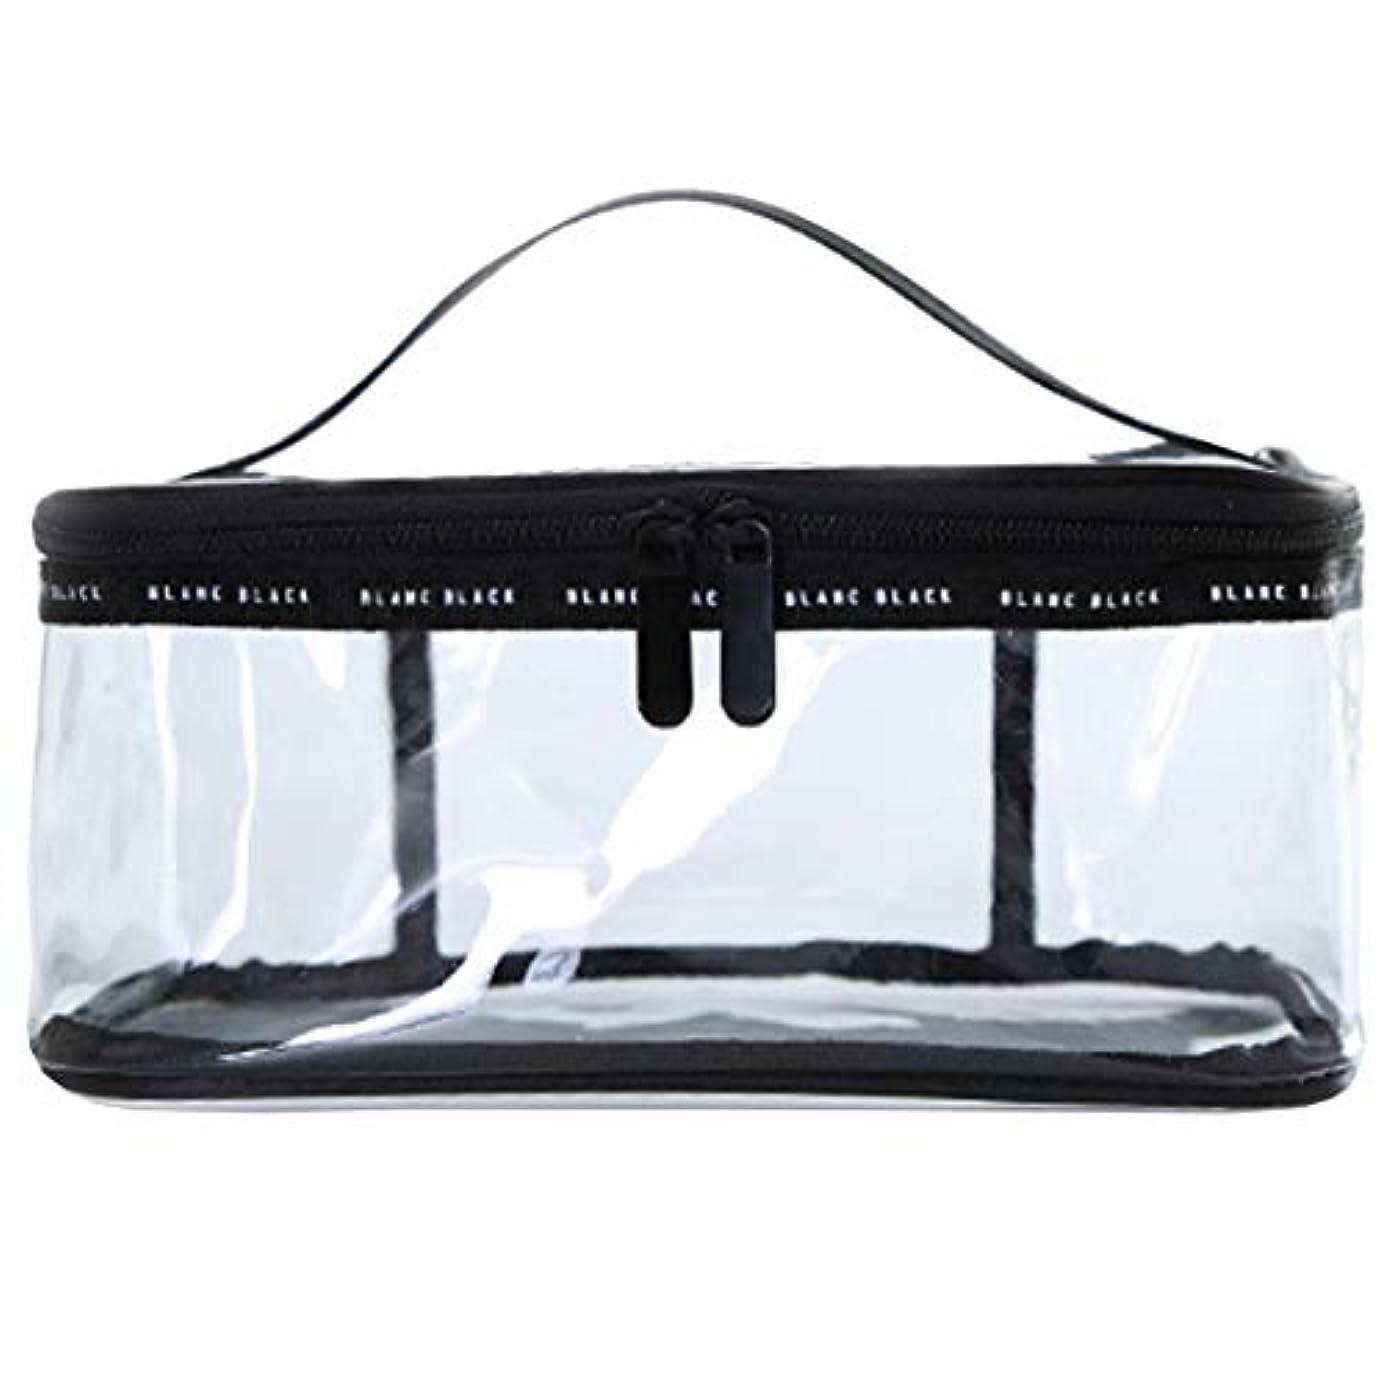 暗記する準備ができてアジテーションクリアボックス コスメ 収納 クリアポーチ 透明ポーチ ビニールポーチ PVC 化粧ポーチ 小物入れ 防水 (M)